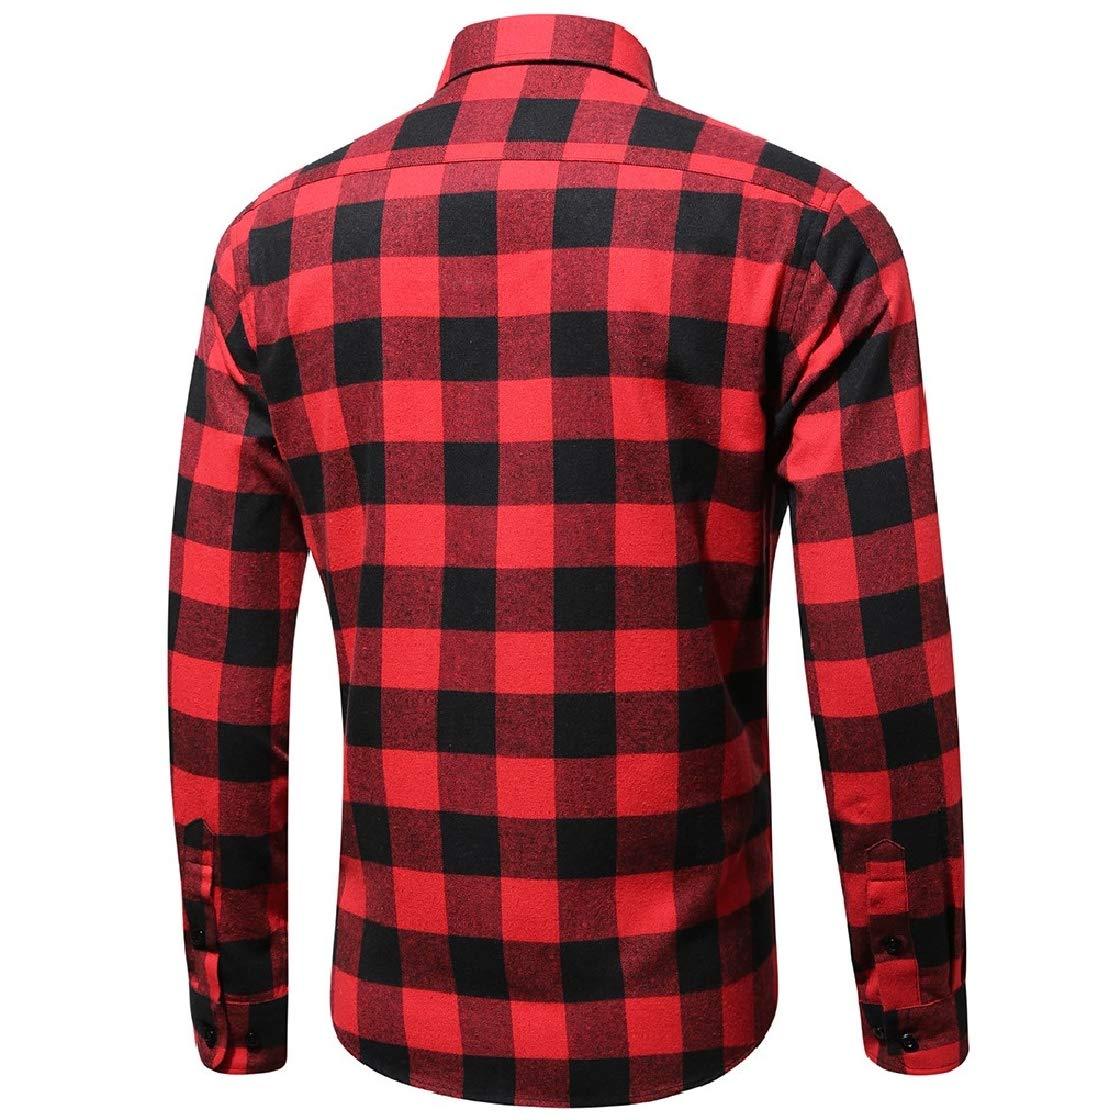 YUNY Mens Premium Flannel Spring//Fall Plaid Pattern Fit Lapel Shirt AS1 XL